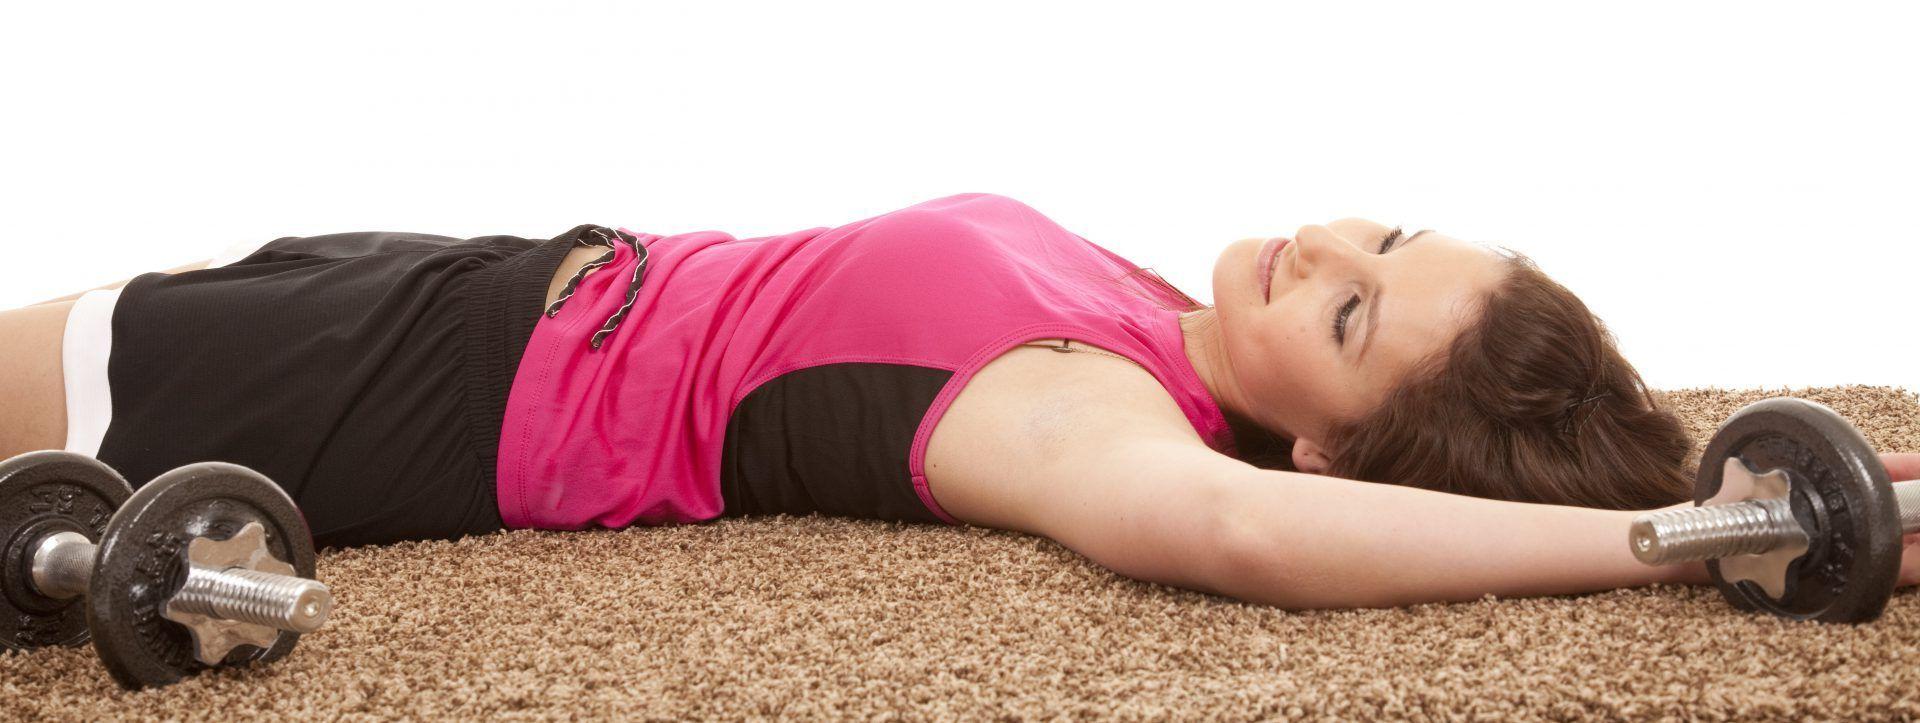 Calorieën verbranden in je slaap door spiermassa op te bouwen